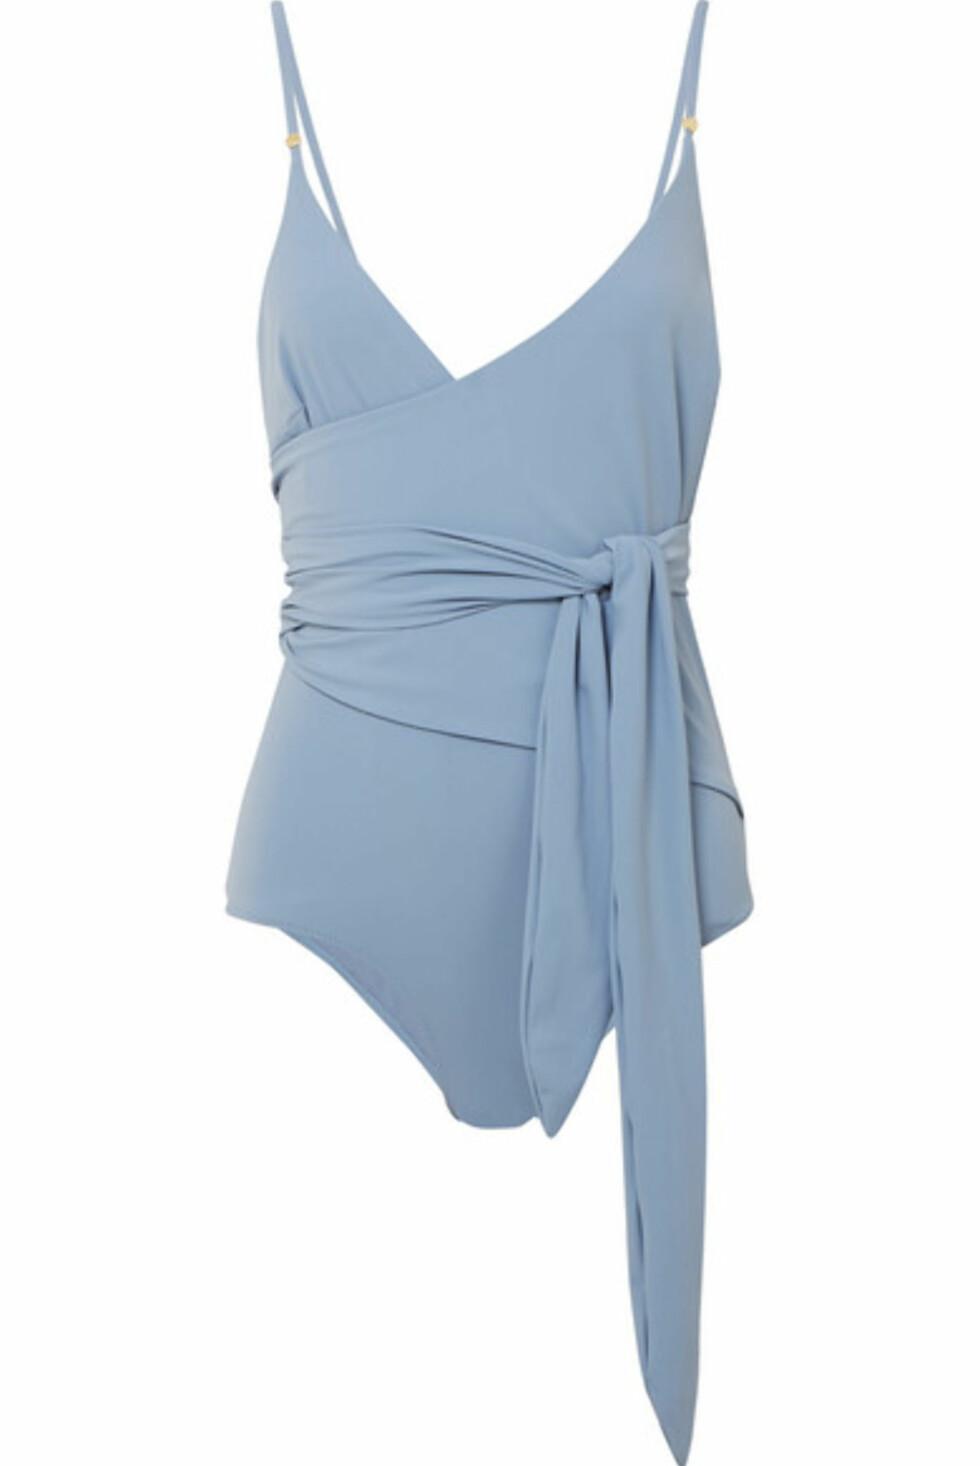 Badedrakt fra Stella McCartney |2244,-| https://www.net-a-porter.com/no/en/product/991157/stella_mccartney/wrap-swimsuit